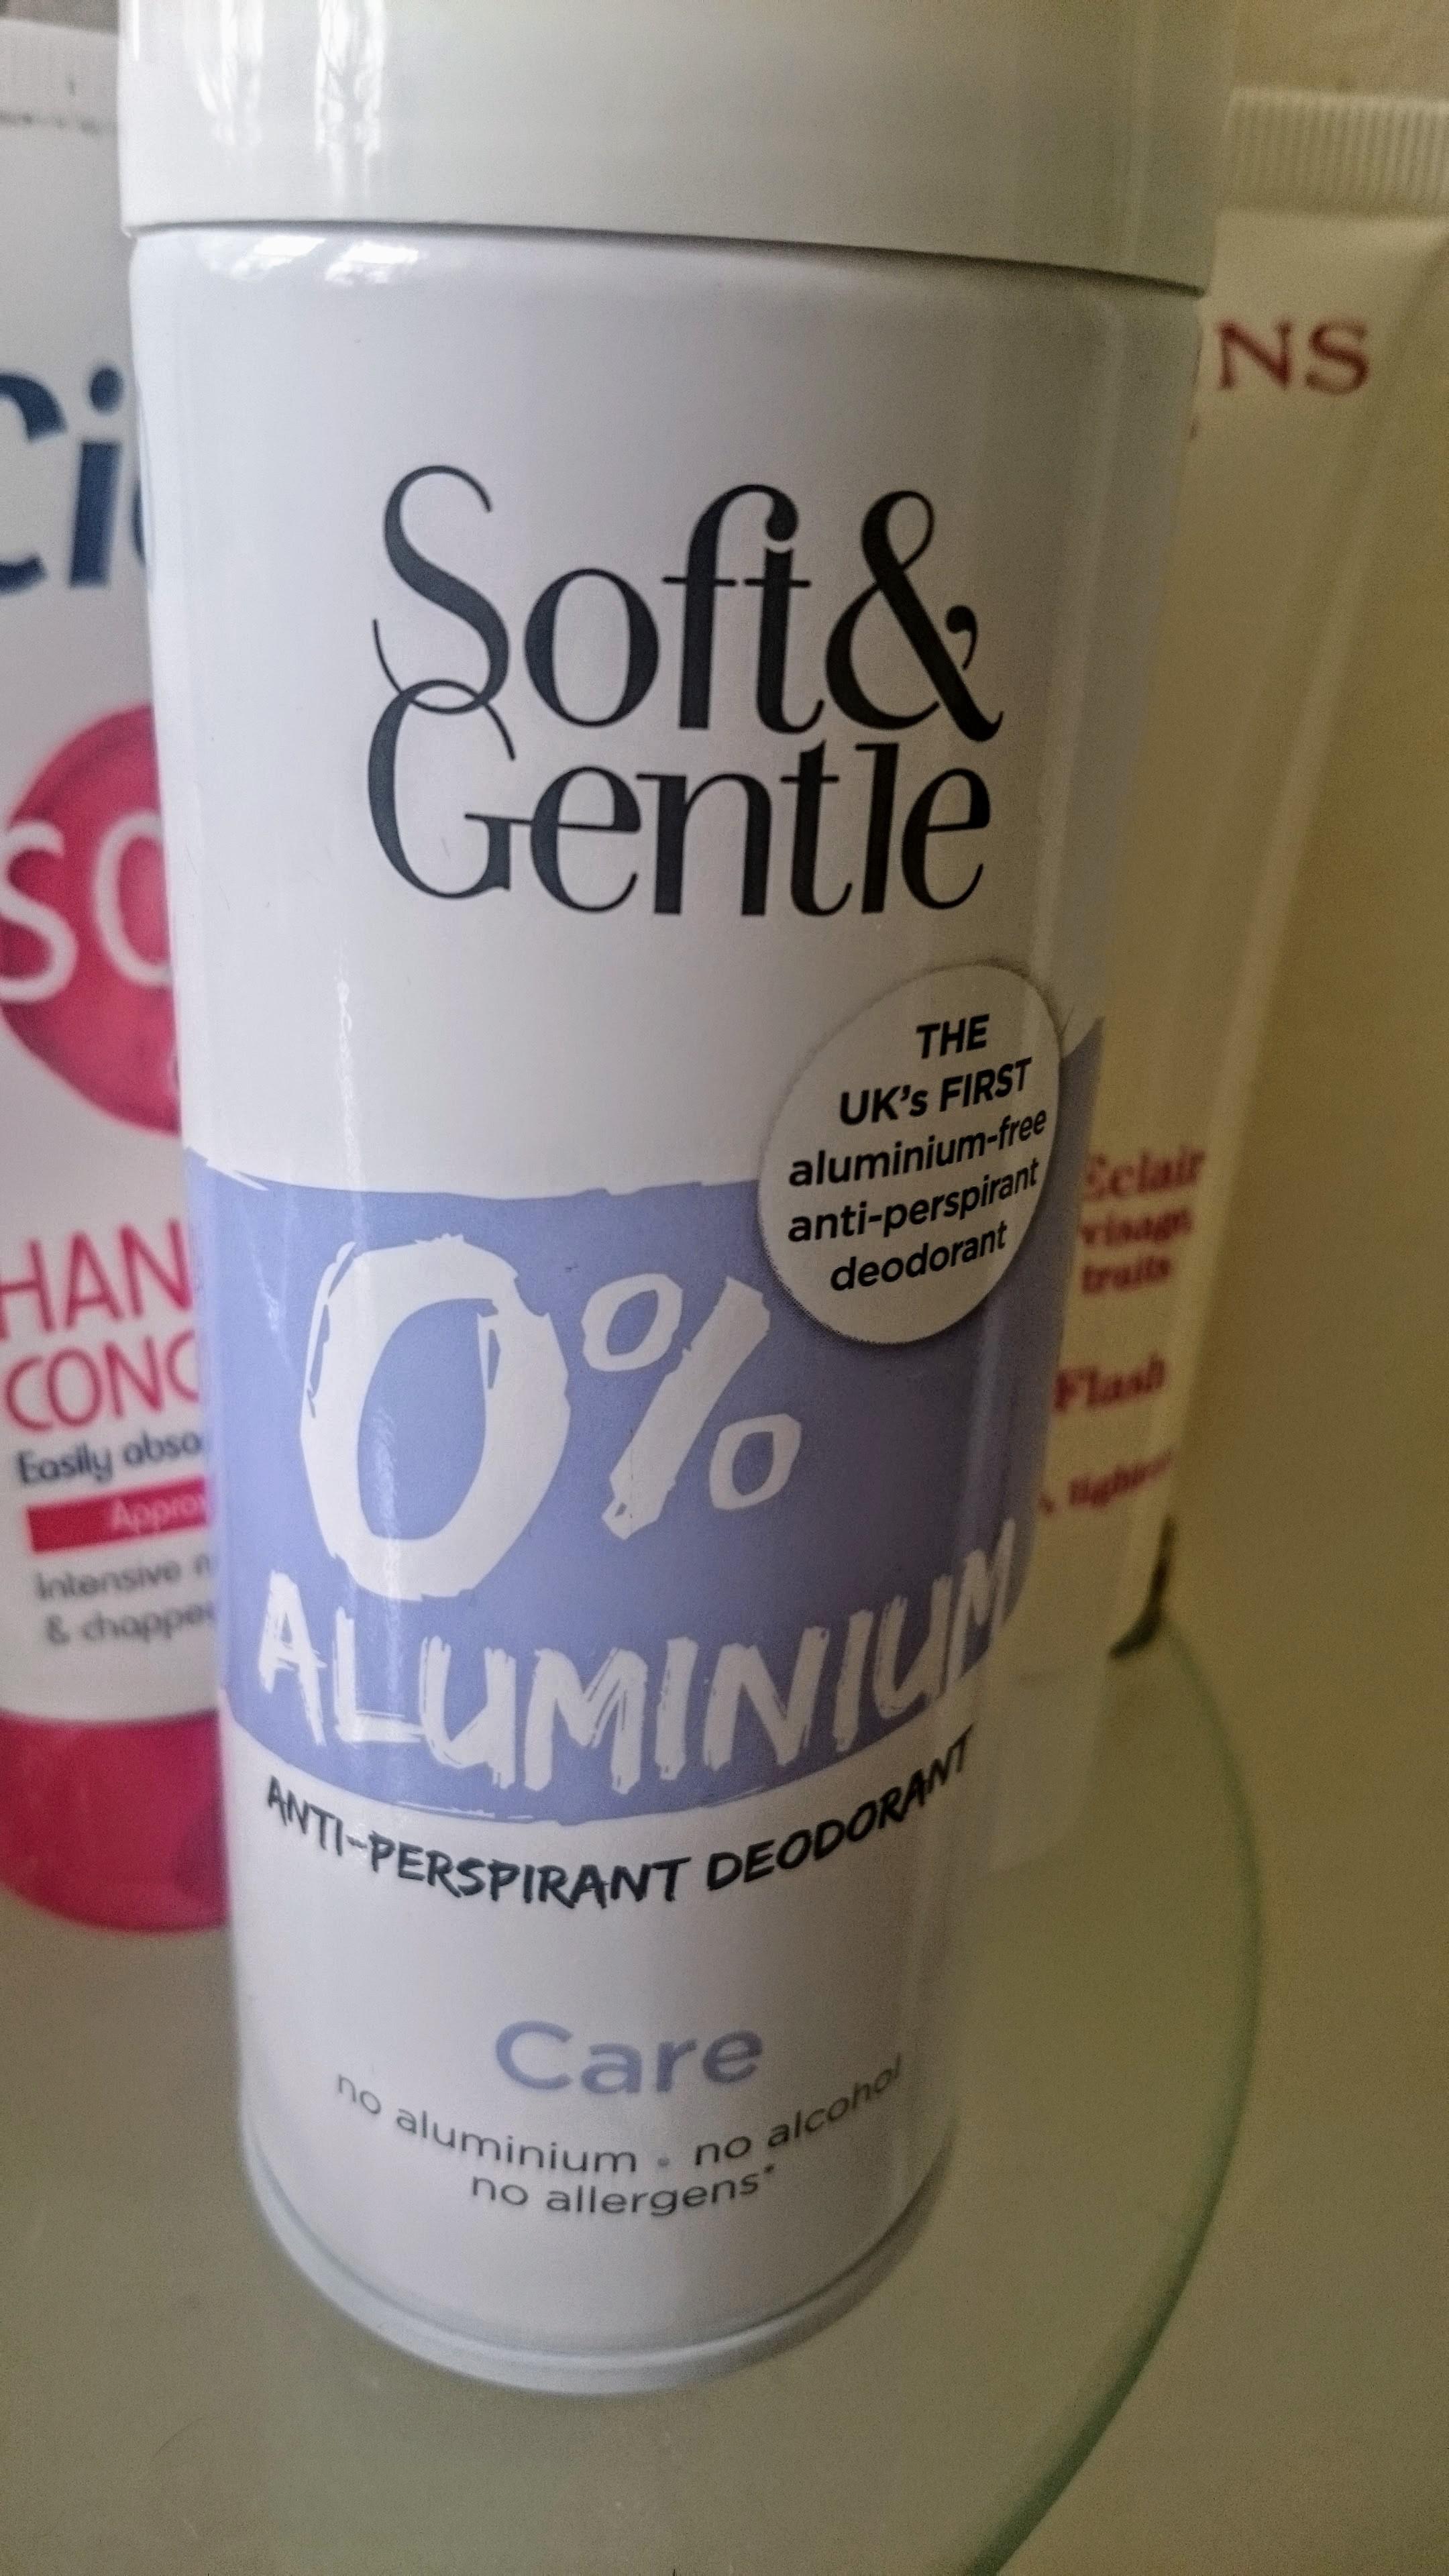 Soft & Gentle 0% Aluminium Dry Deodorant - £1 in Poundland